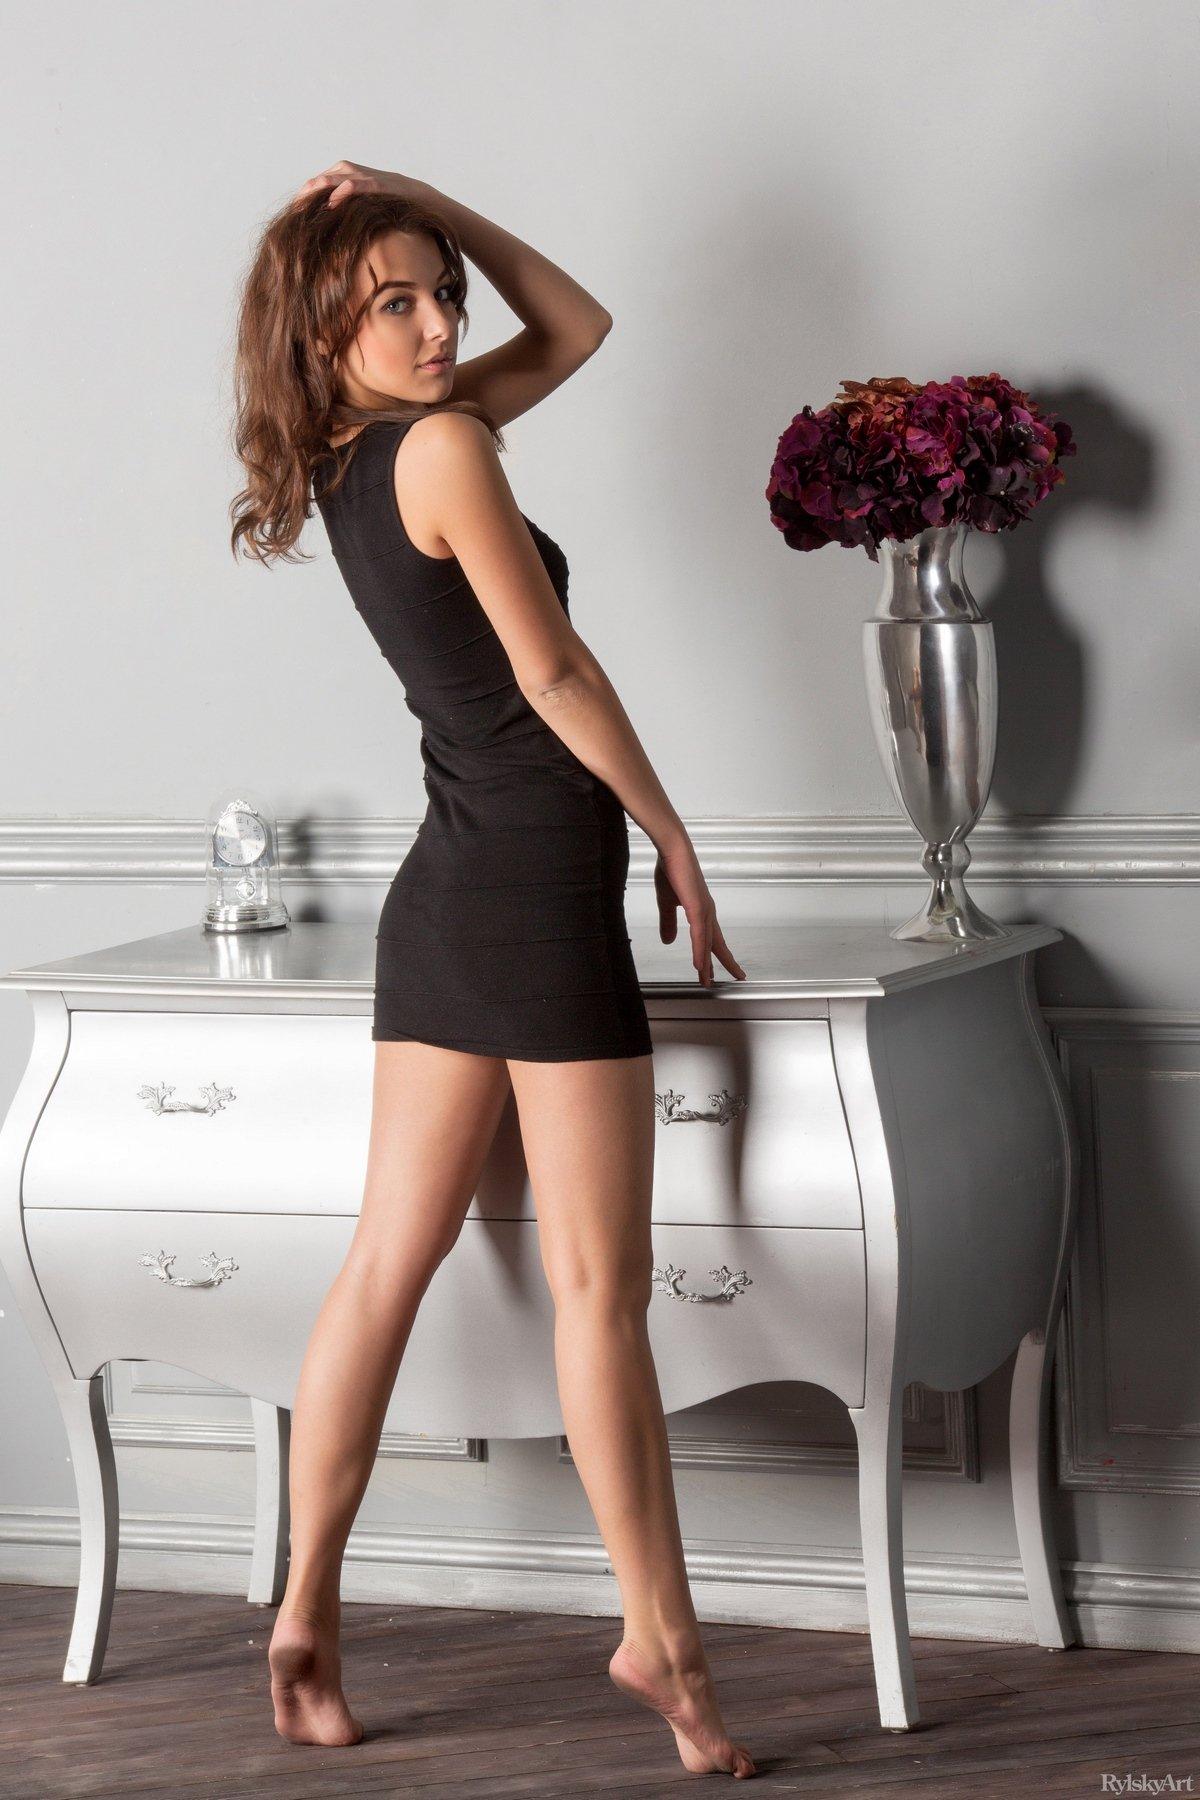 Упругая попка в коротком платье — pic 7